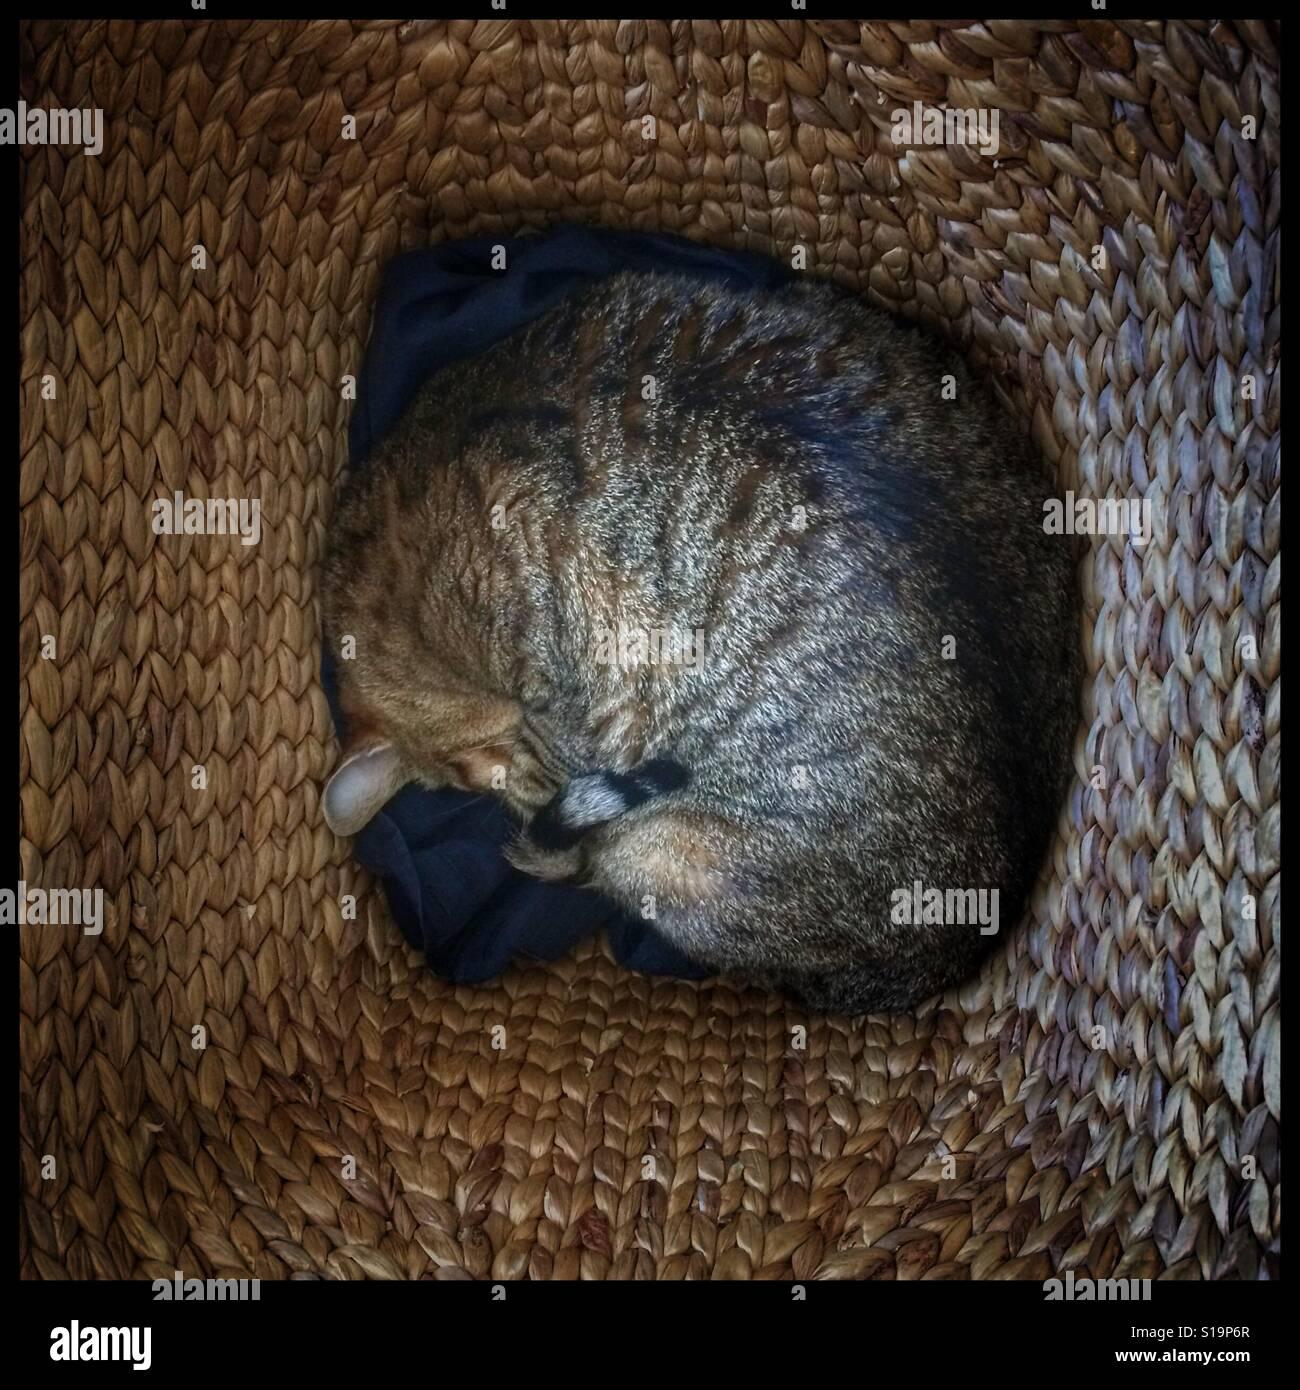 cat laundry basket stock photos cat laundry basket stock images